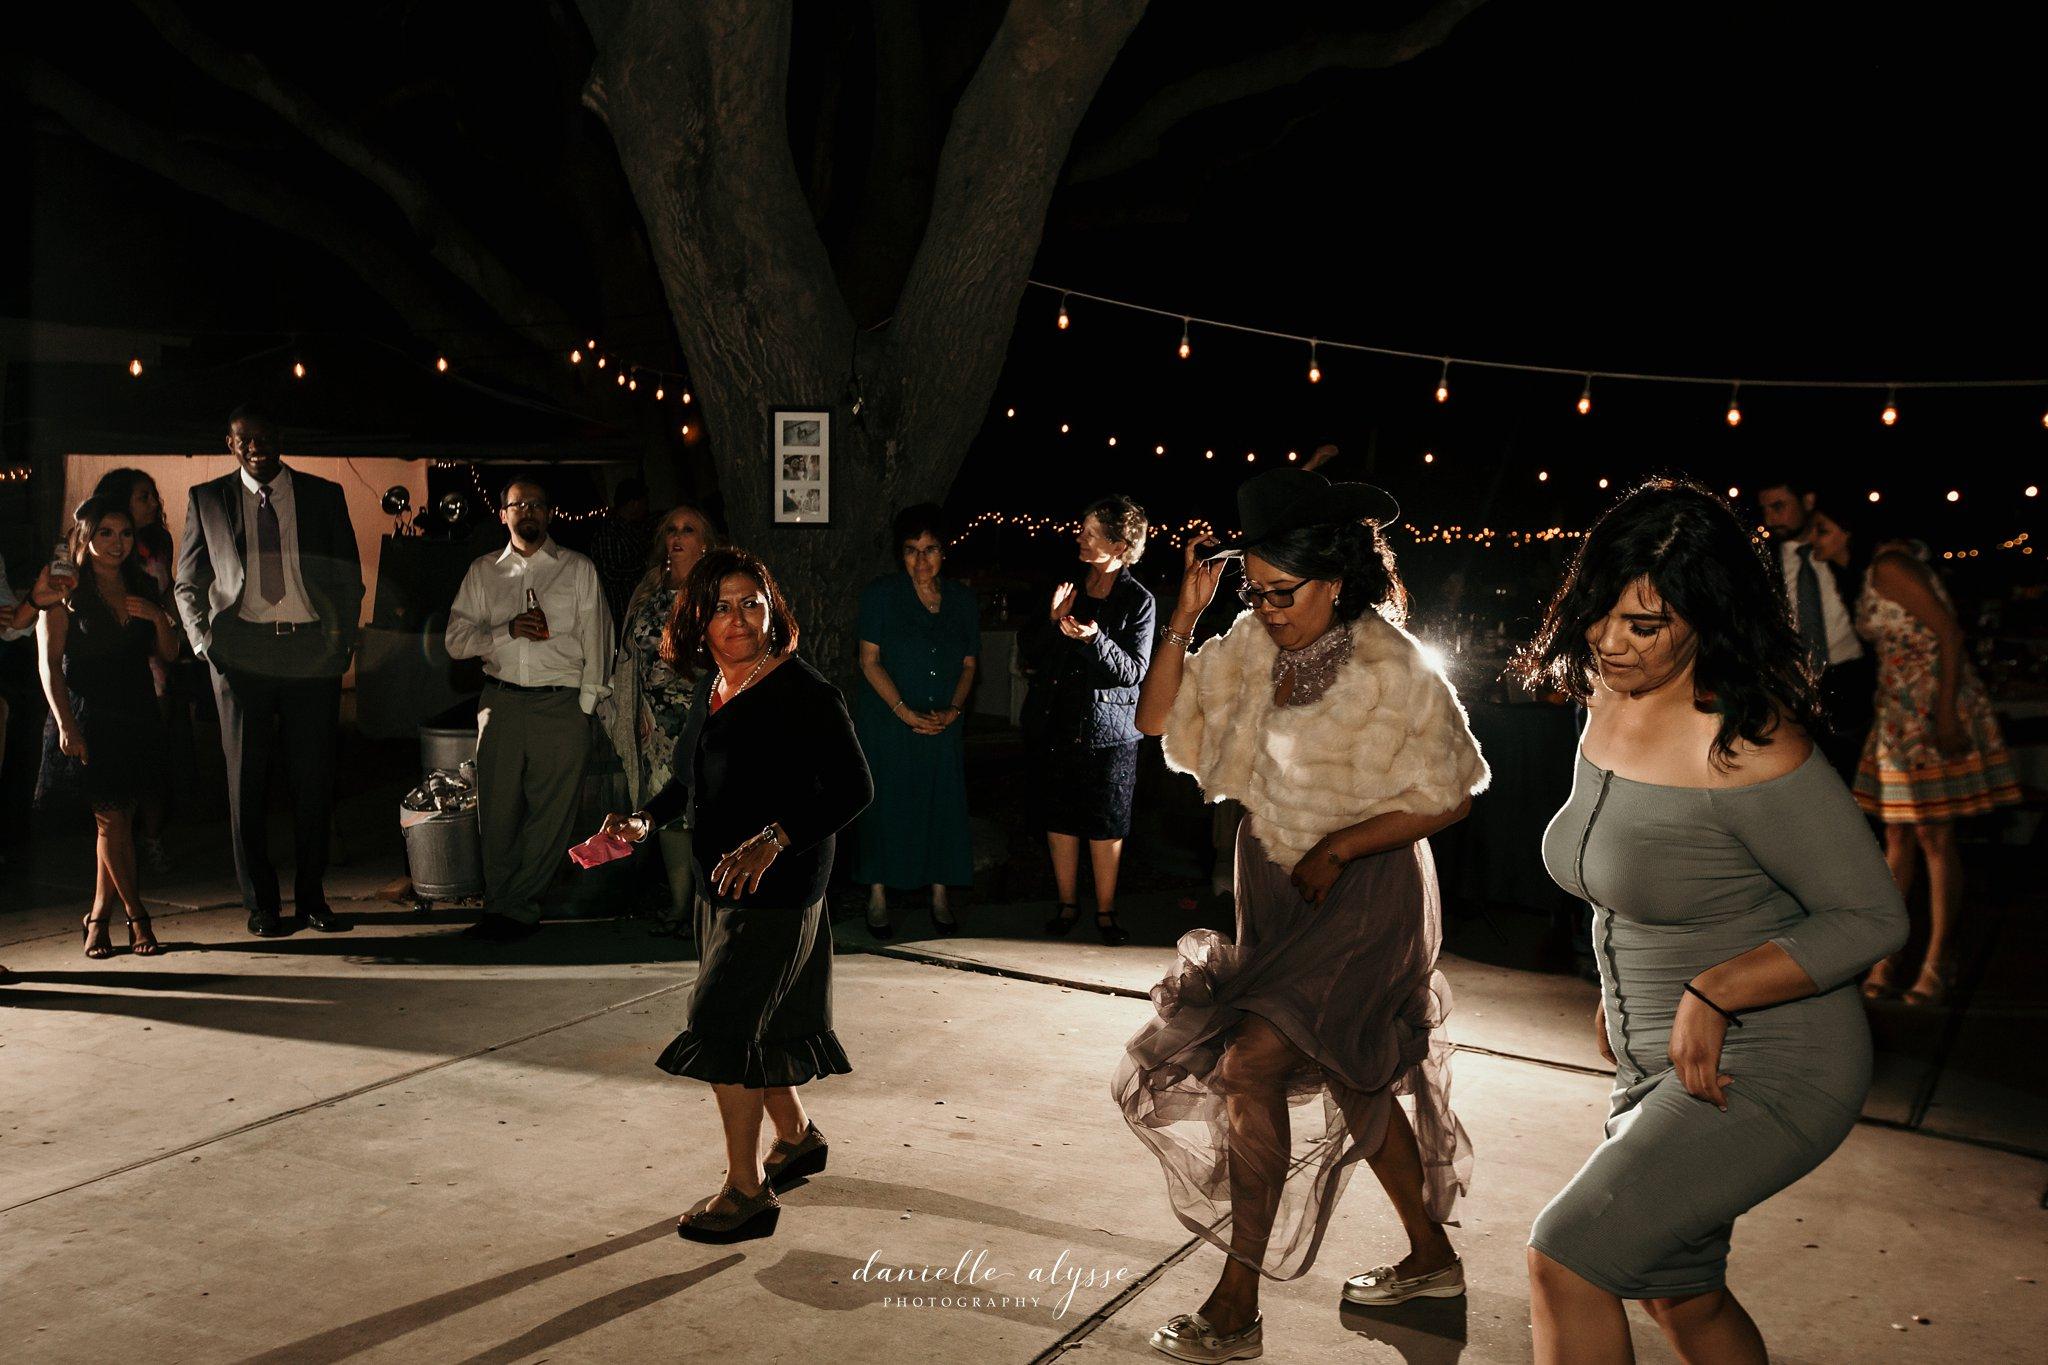 180630_wedding_lily_ryan_mission_soledad_california_danielle_alysse_photography_blog_1295_WEB.jpg